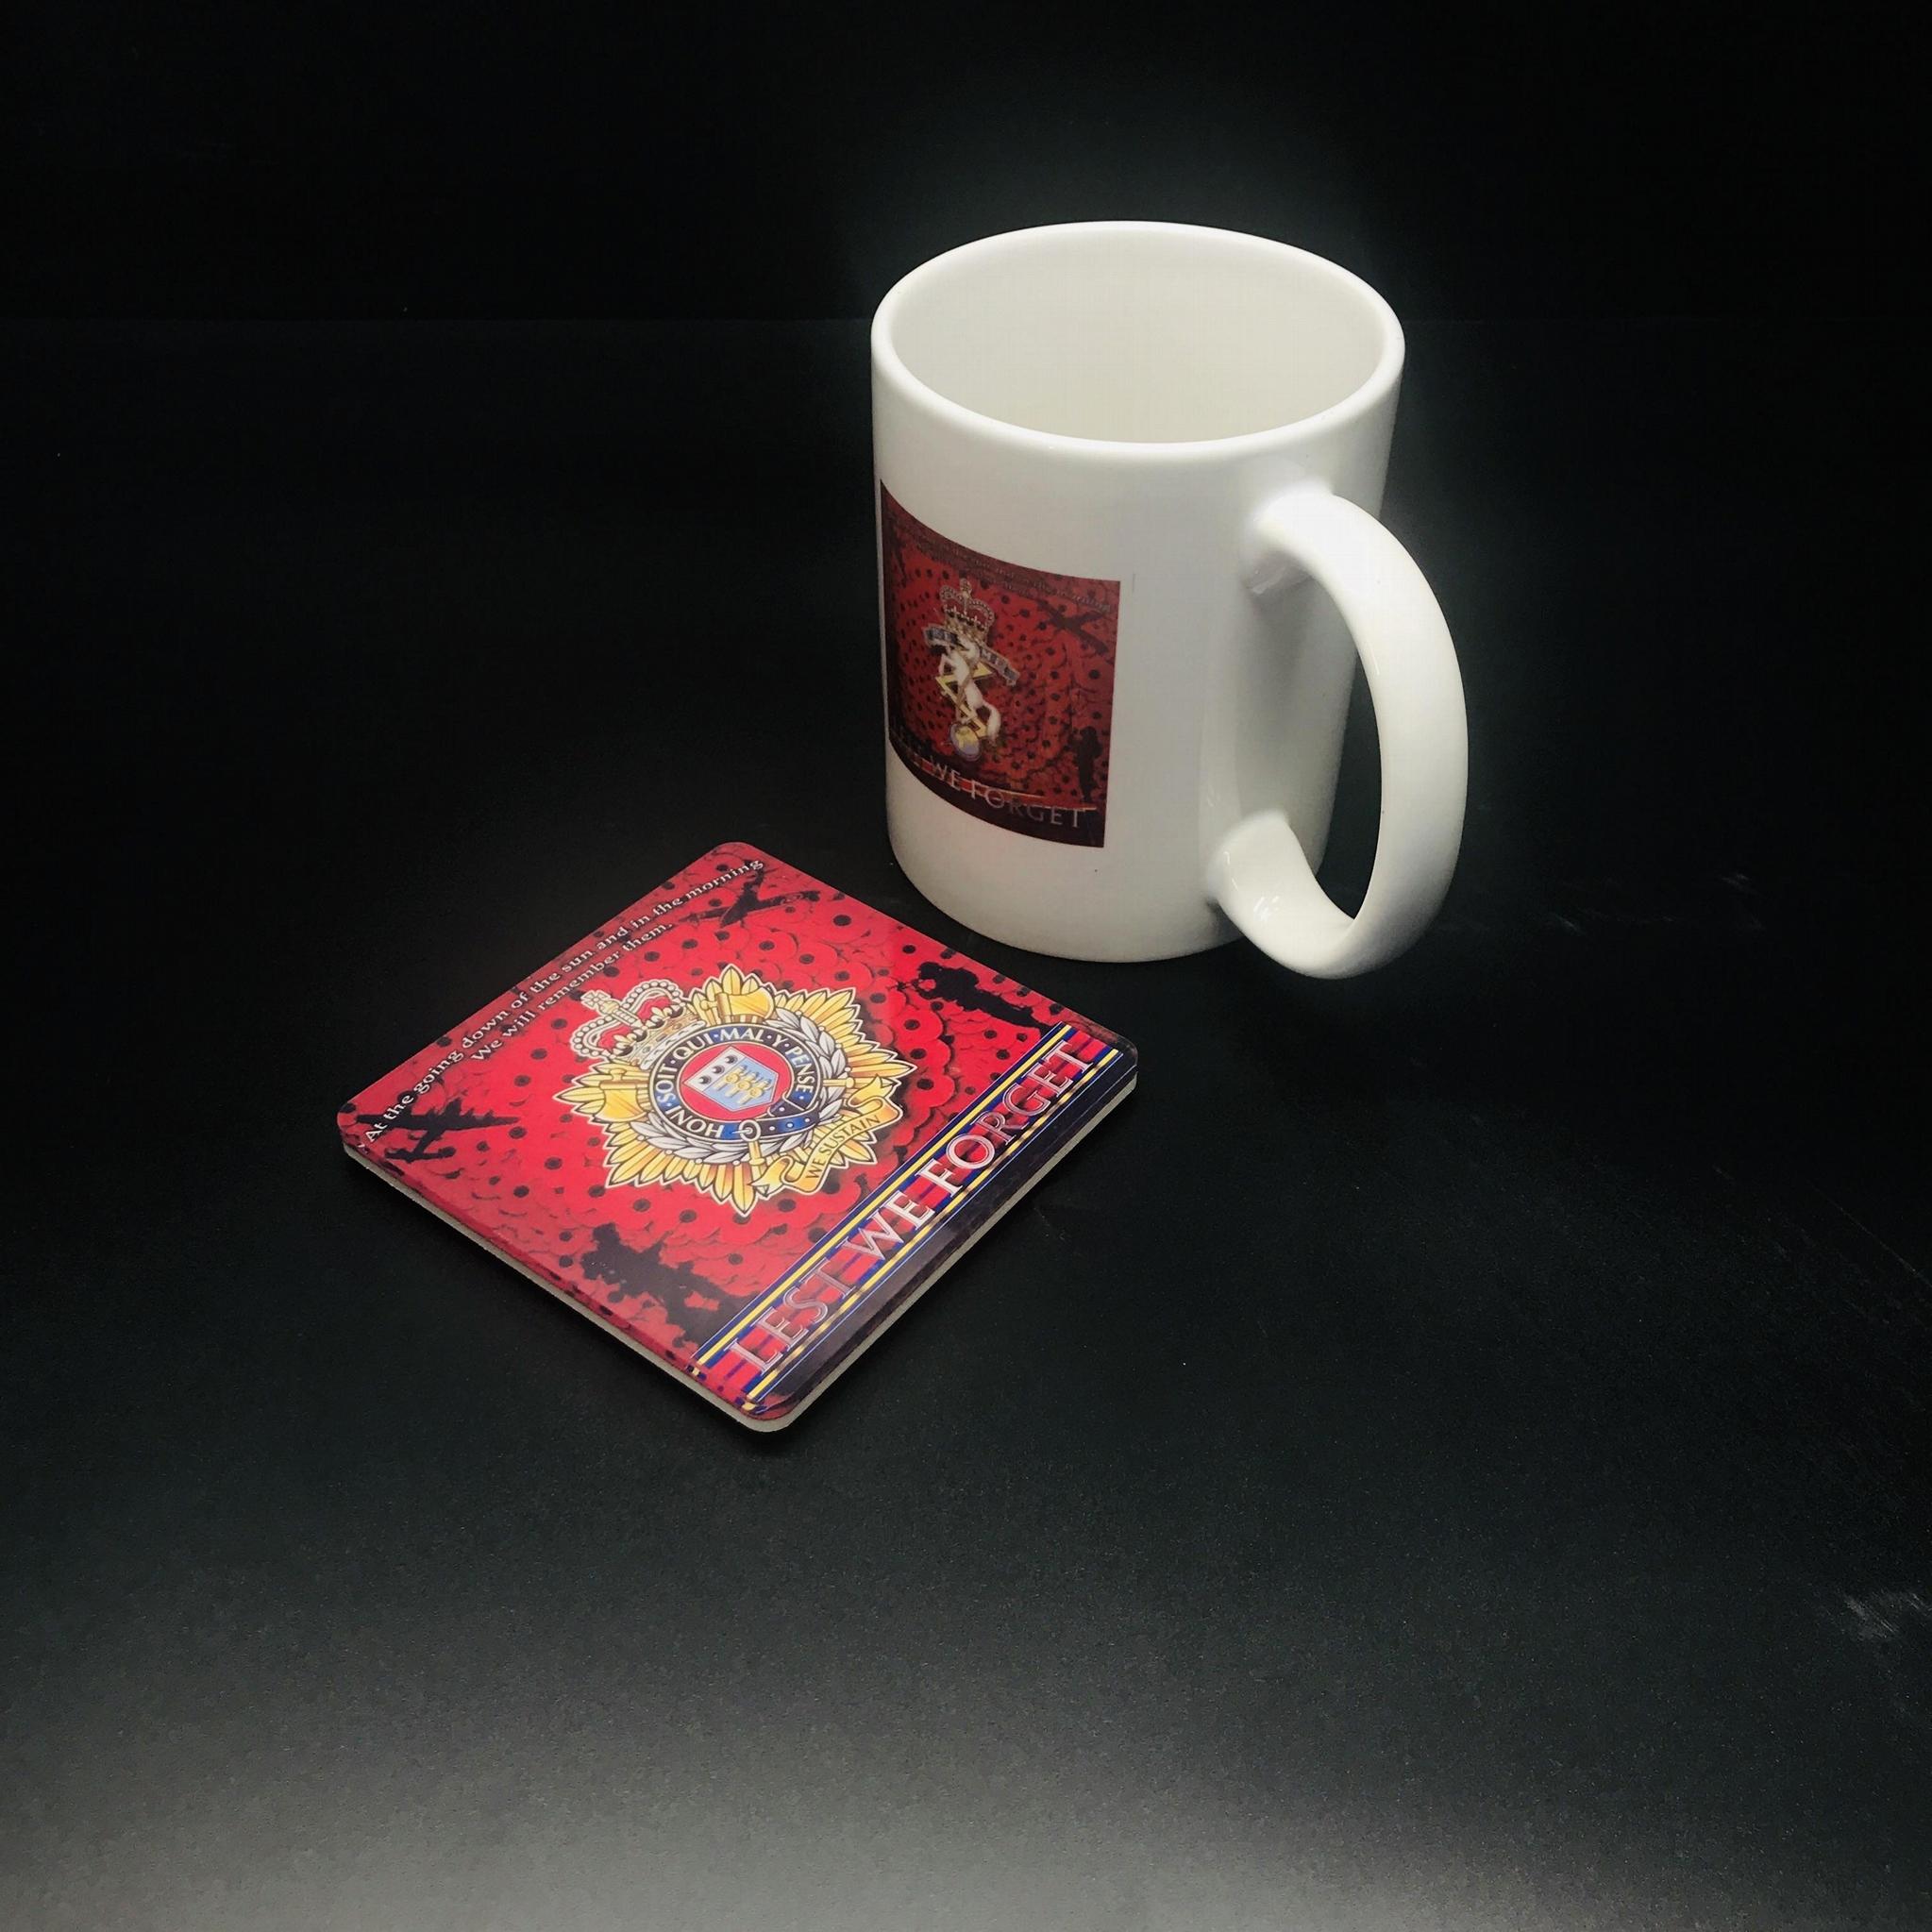 英國  杯墊-是英國  部隊現任或前任議員的完美禮物。軍事杯墊,軍隊,退伍軍人禮物